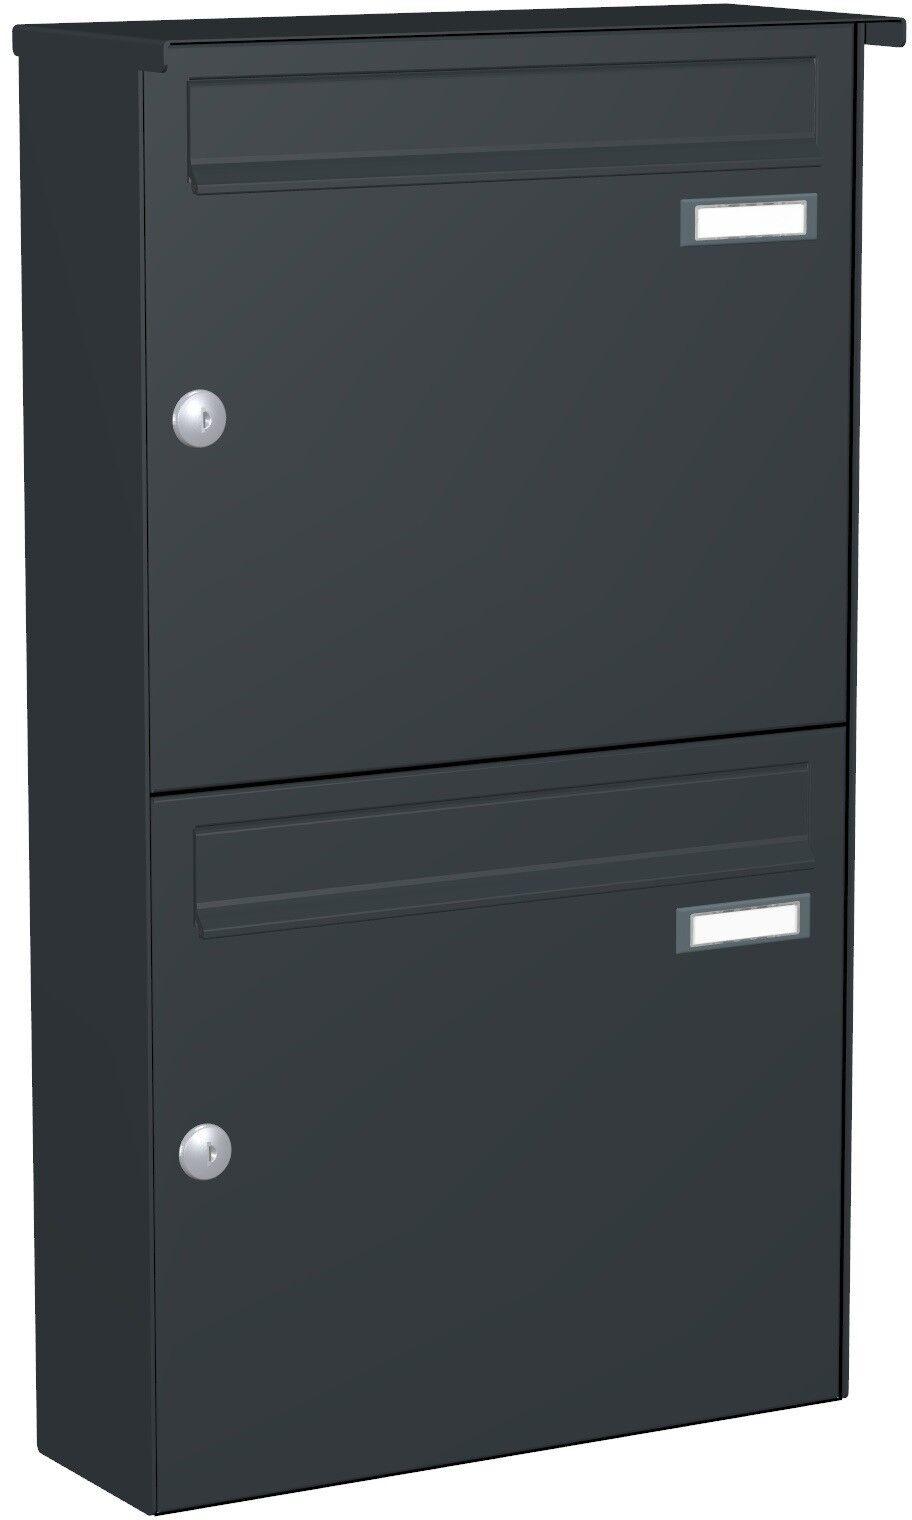 Doppel-Briefkasten Aufputz 2 er 2x Postkasten Wand Farbauswahl oder VA APH111